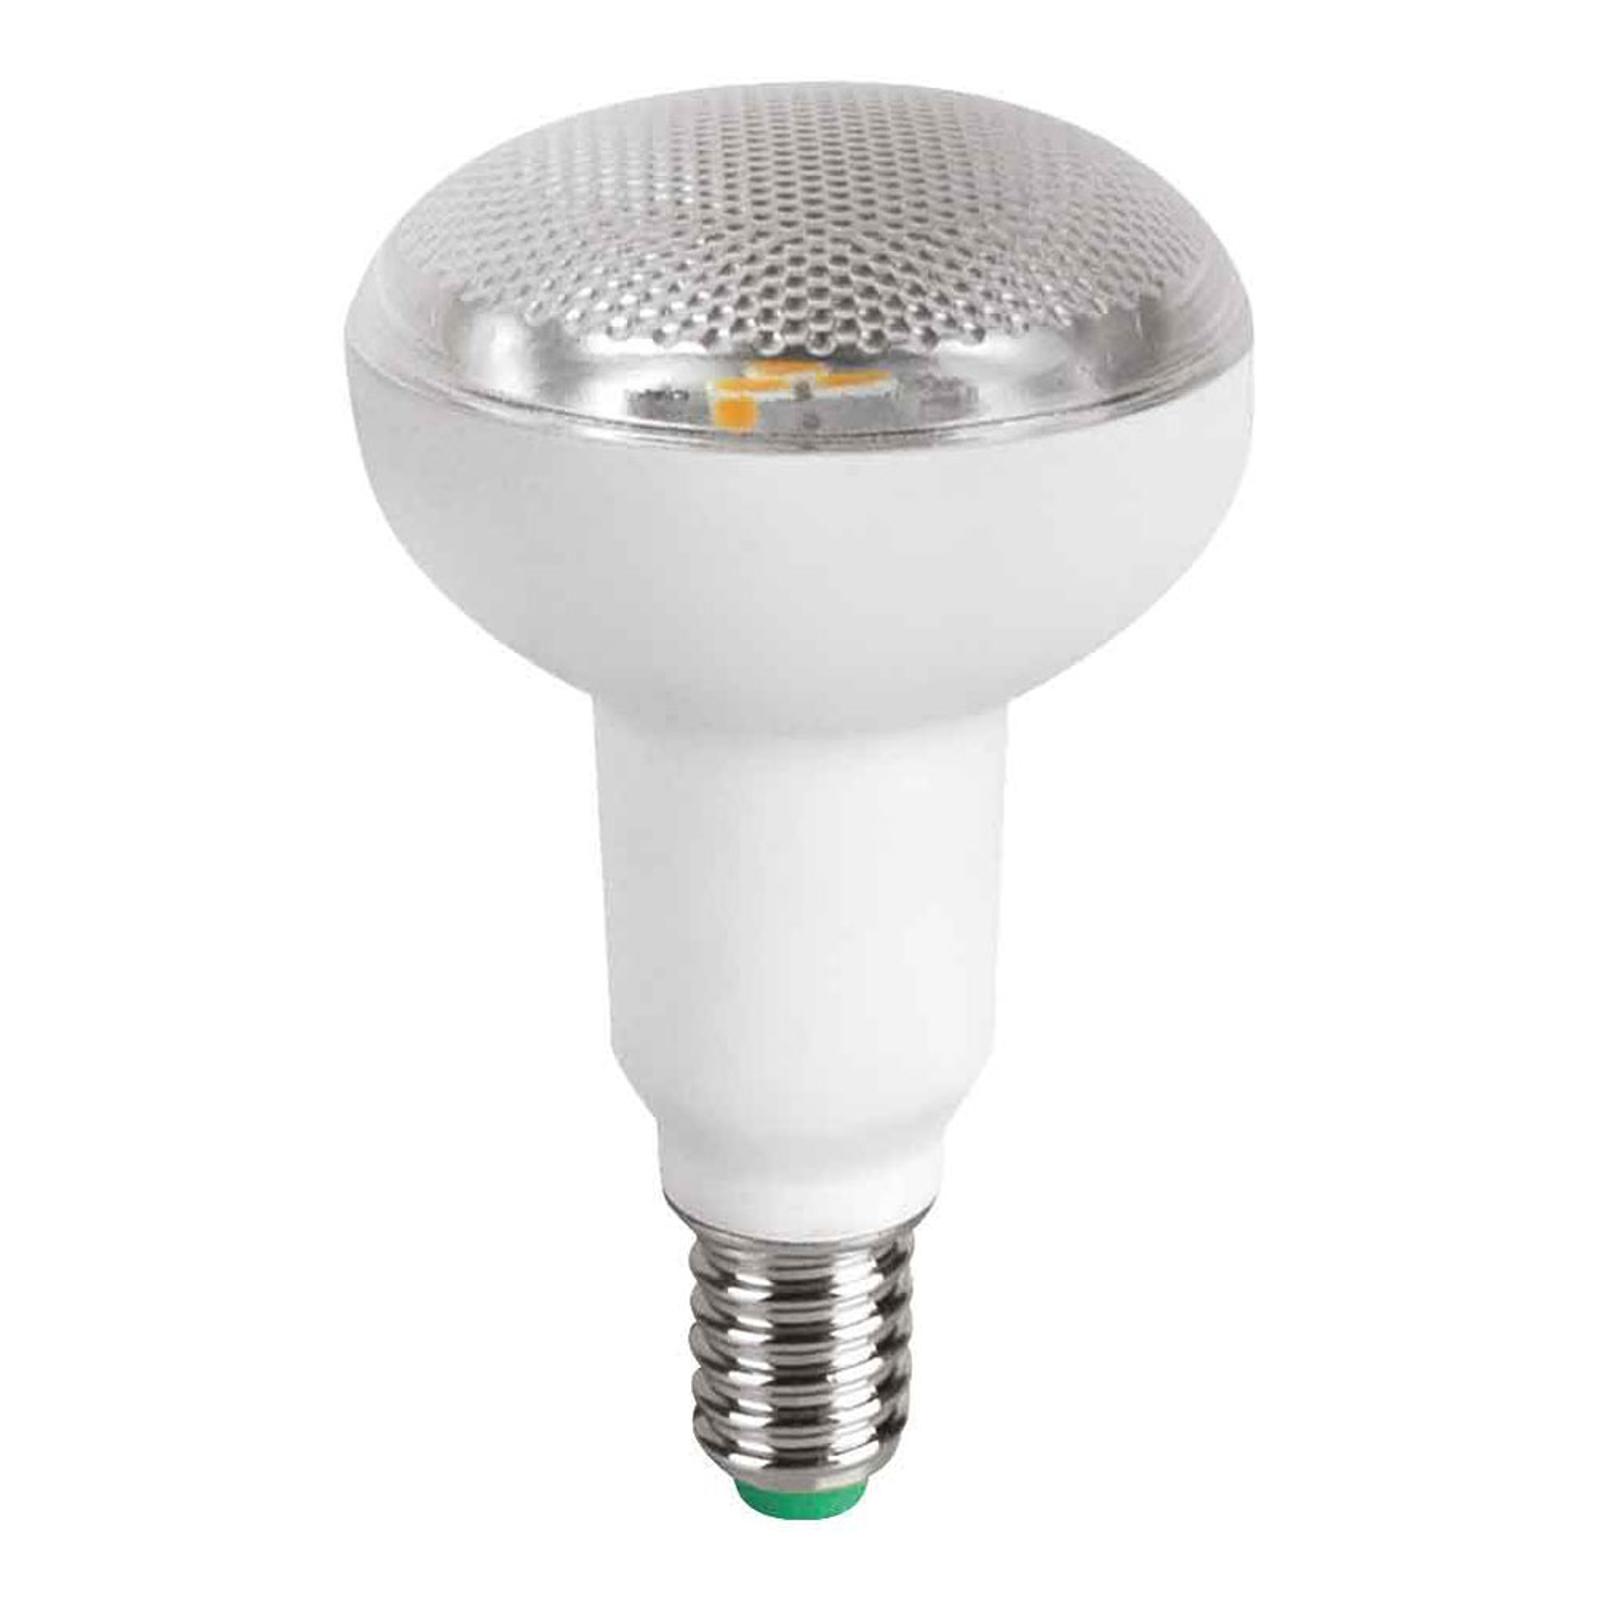 LED-reflektor E14 R50 3,5W, varmhvid